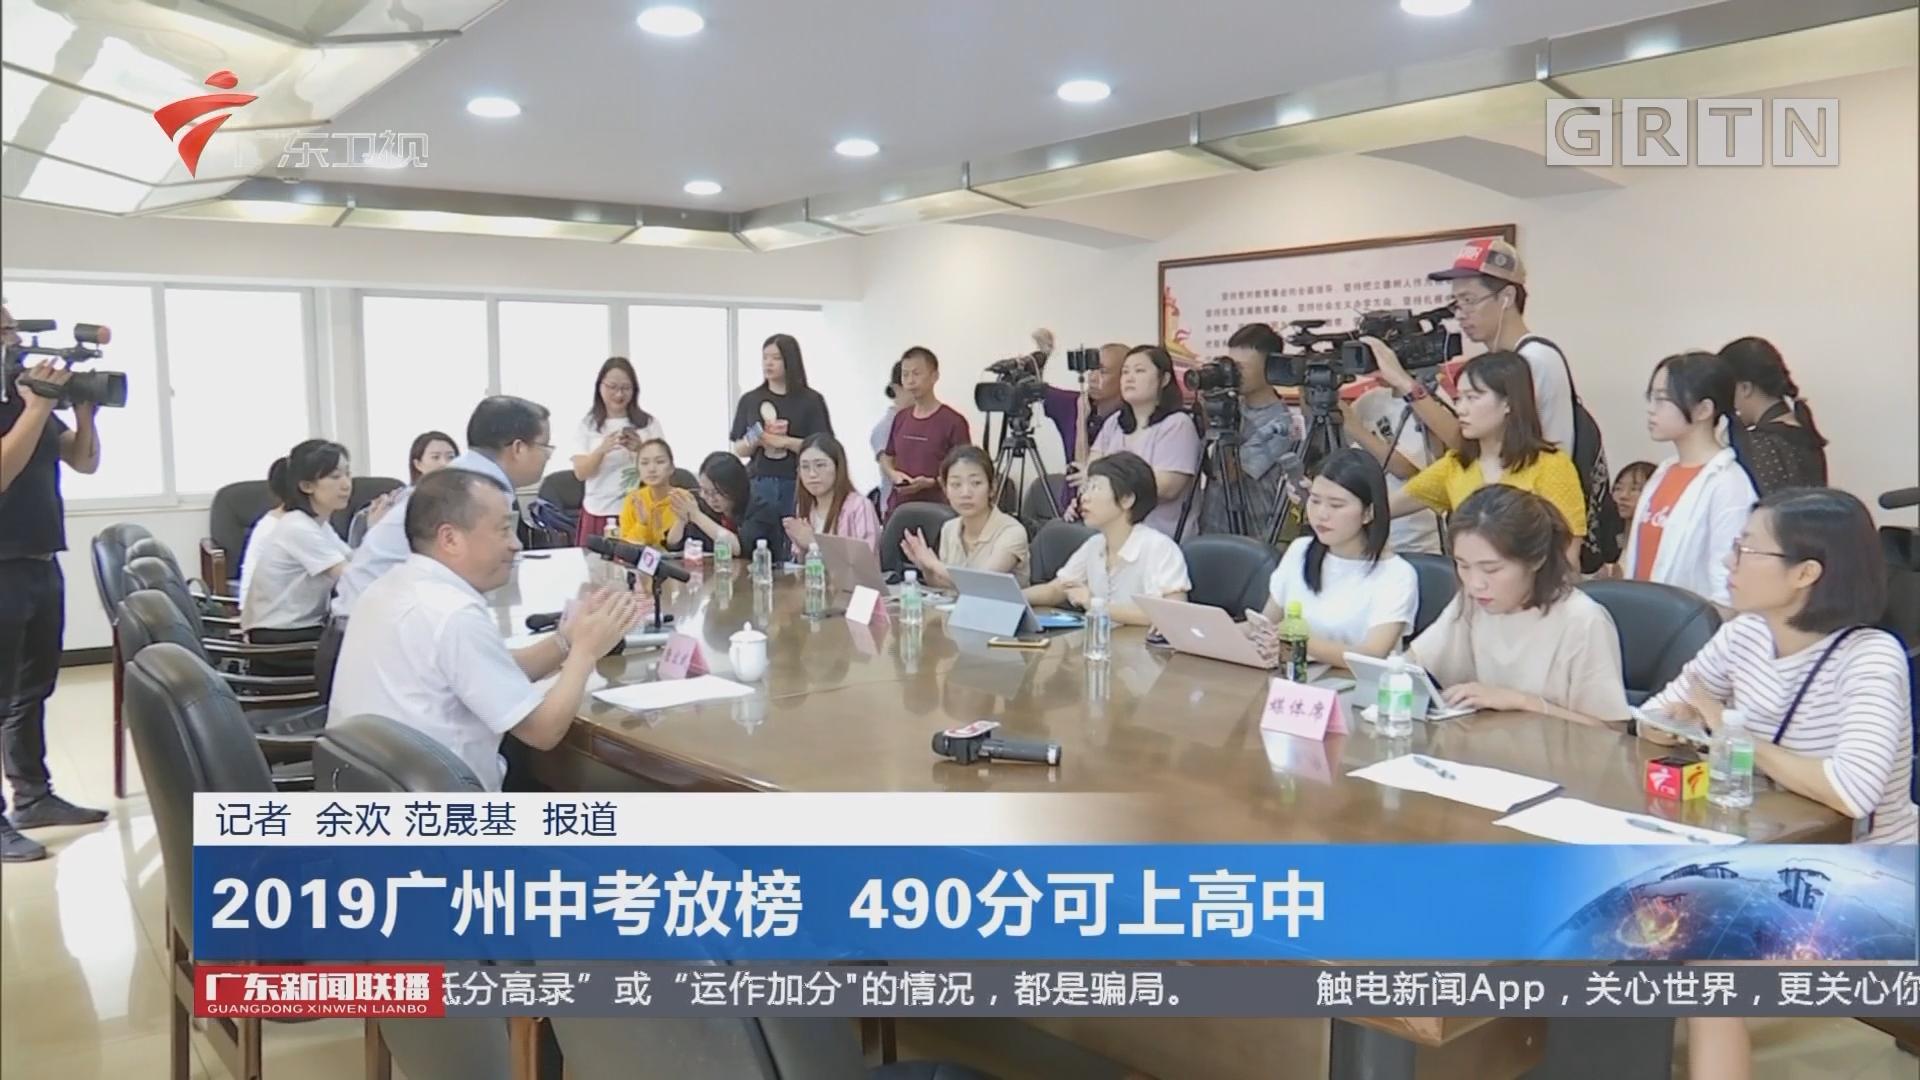 2019广州中考放榜 490分可上高中